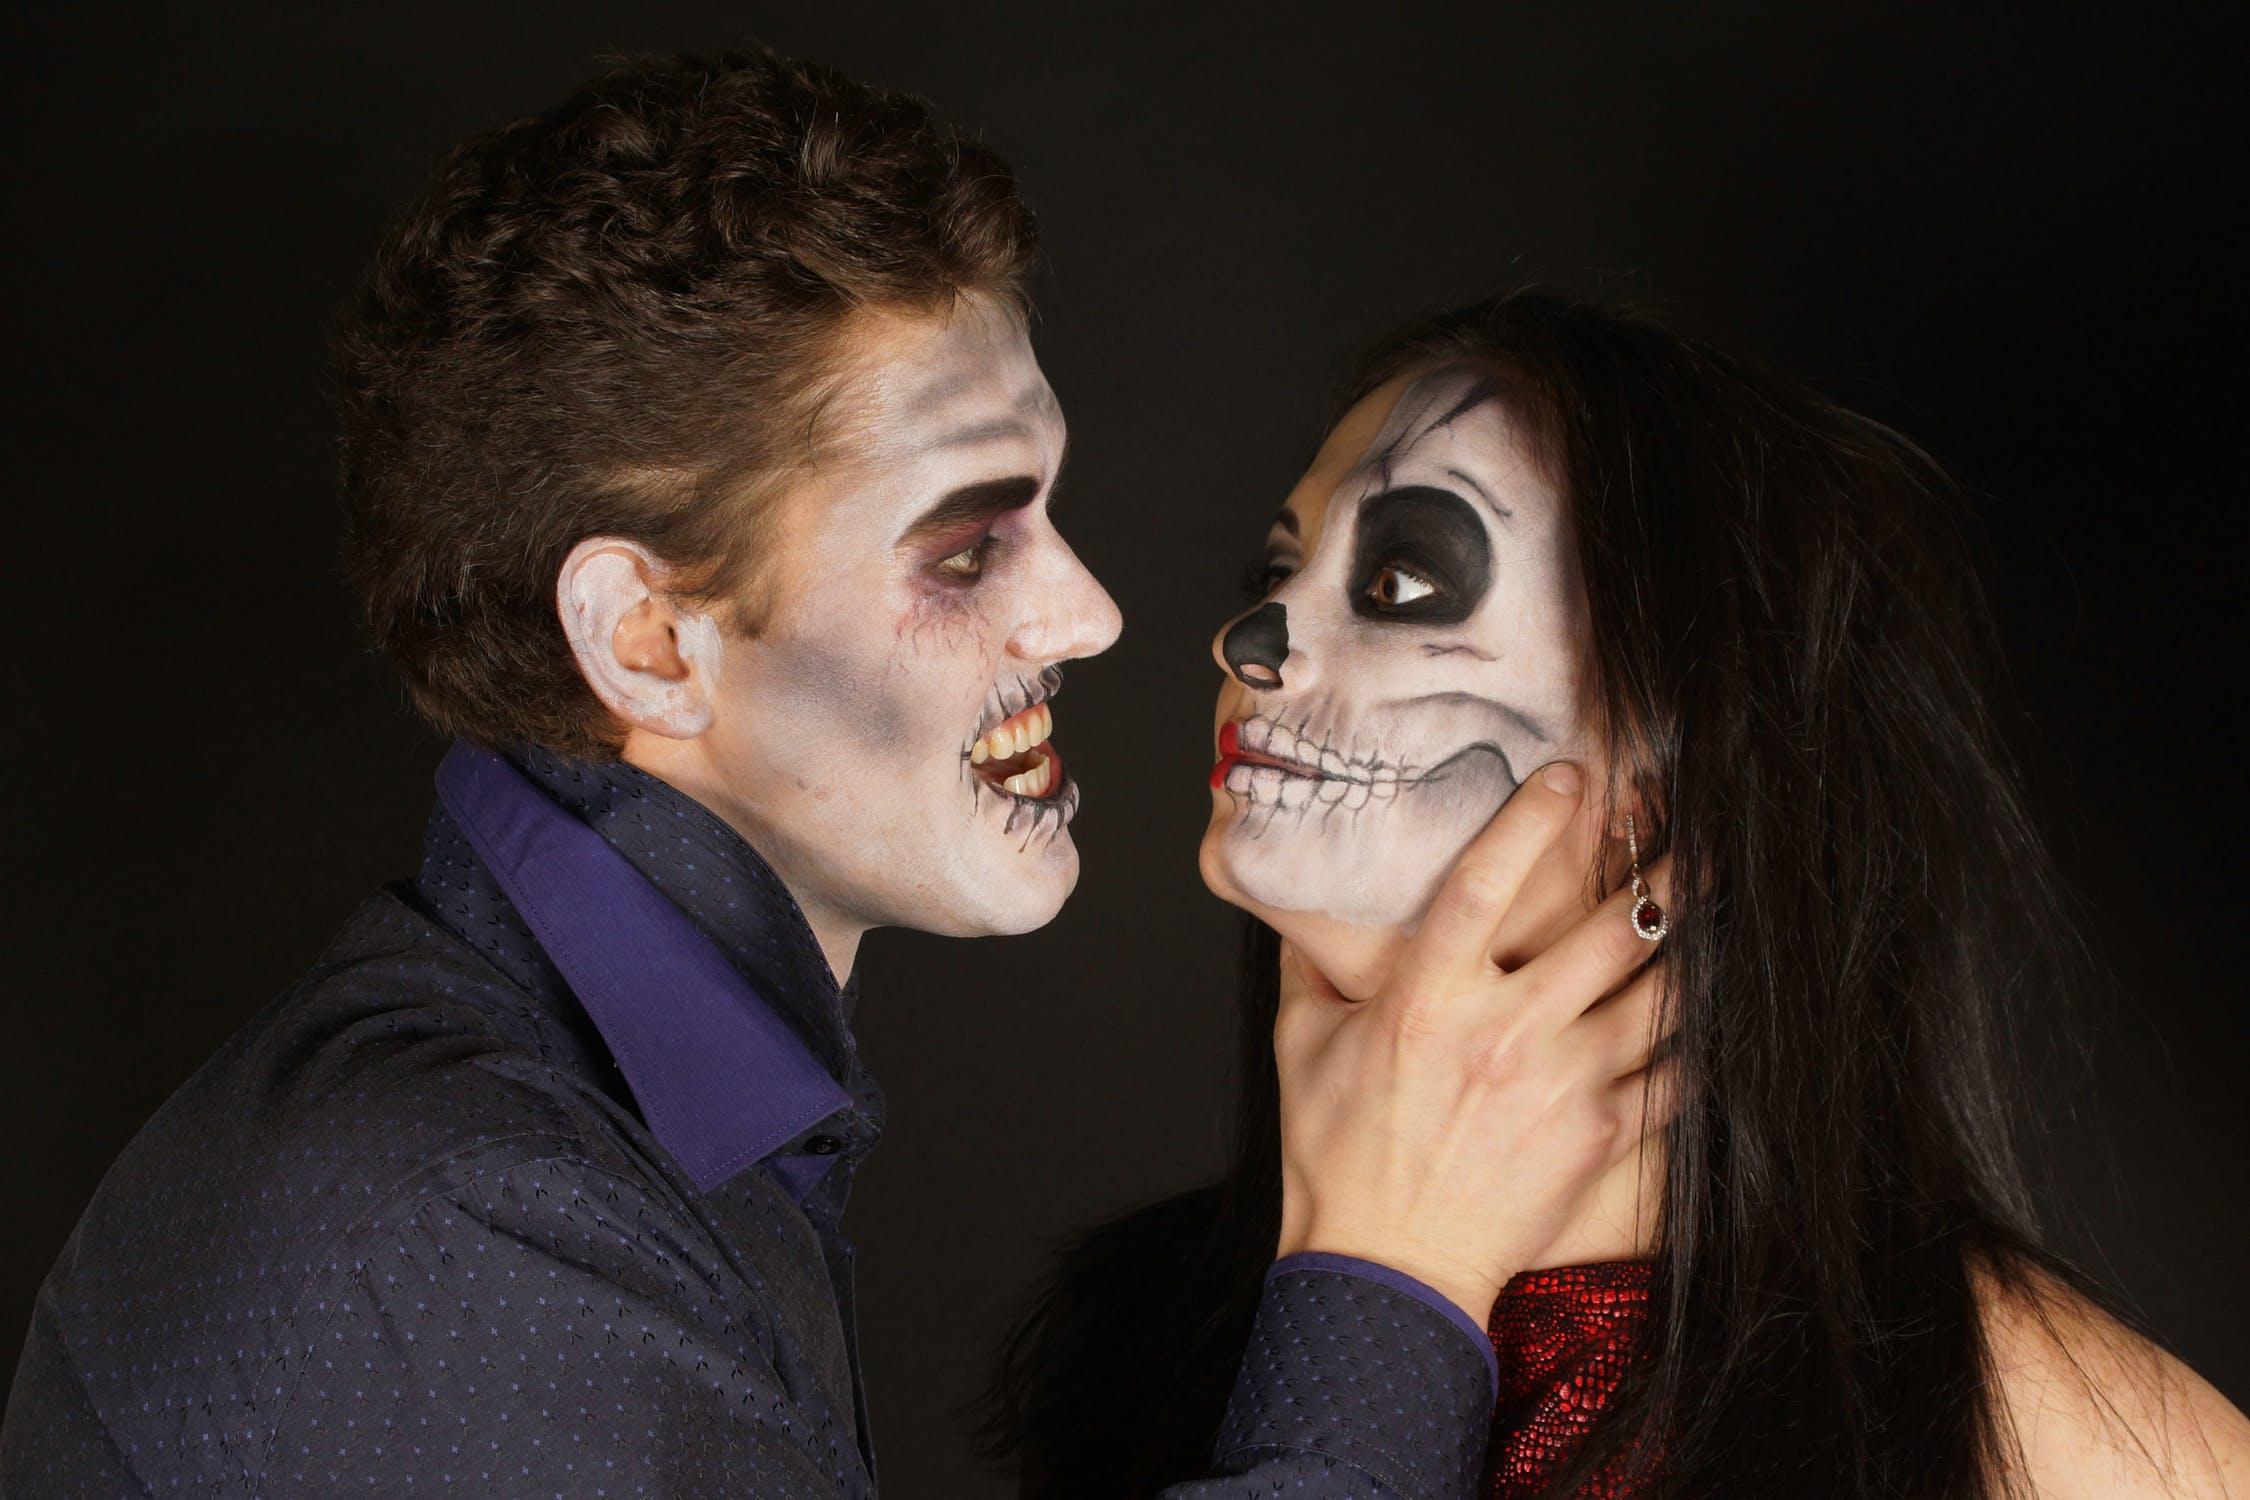 ne célébrez pas Halloween_ Vous êtes tous des enfants de la lumière et des enfants du jour. Nous ne sommes point de la nuit ni des ténèbres.